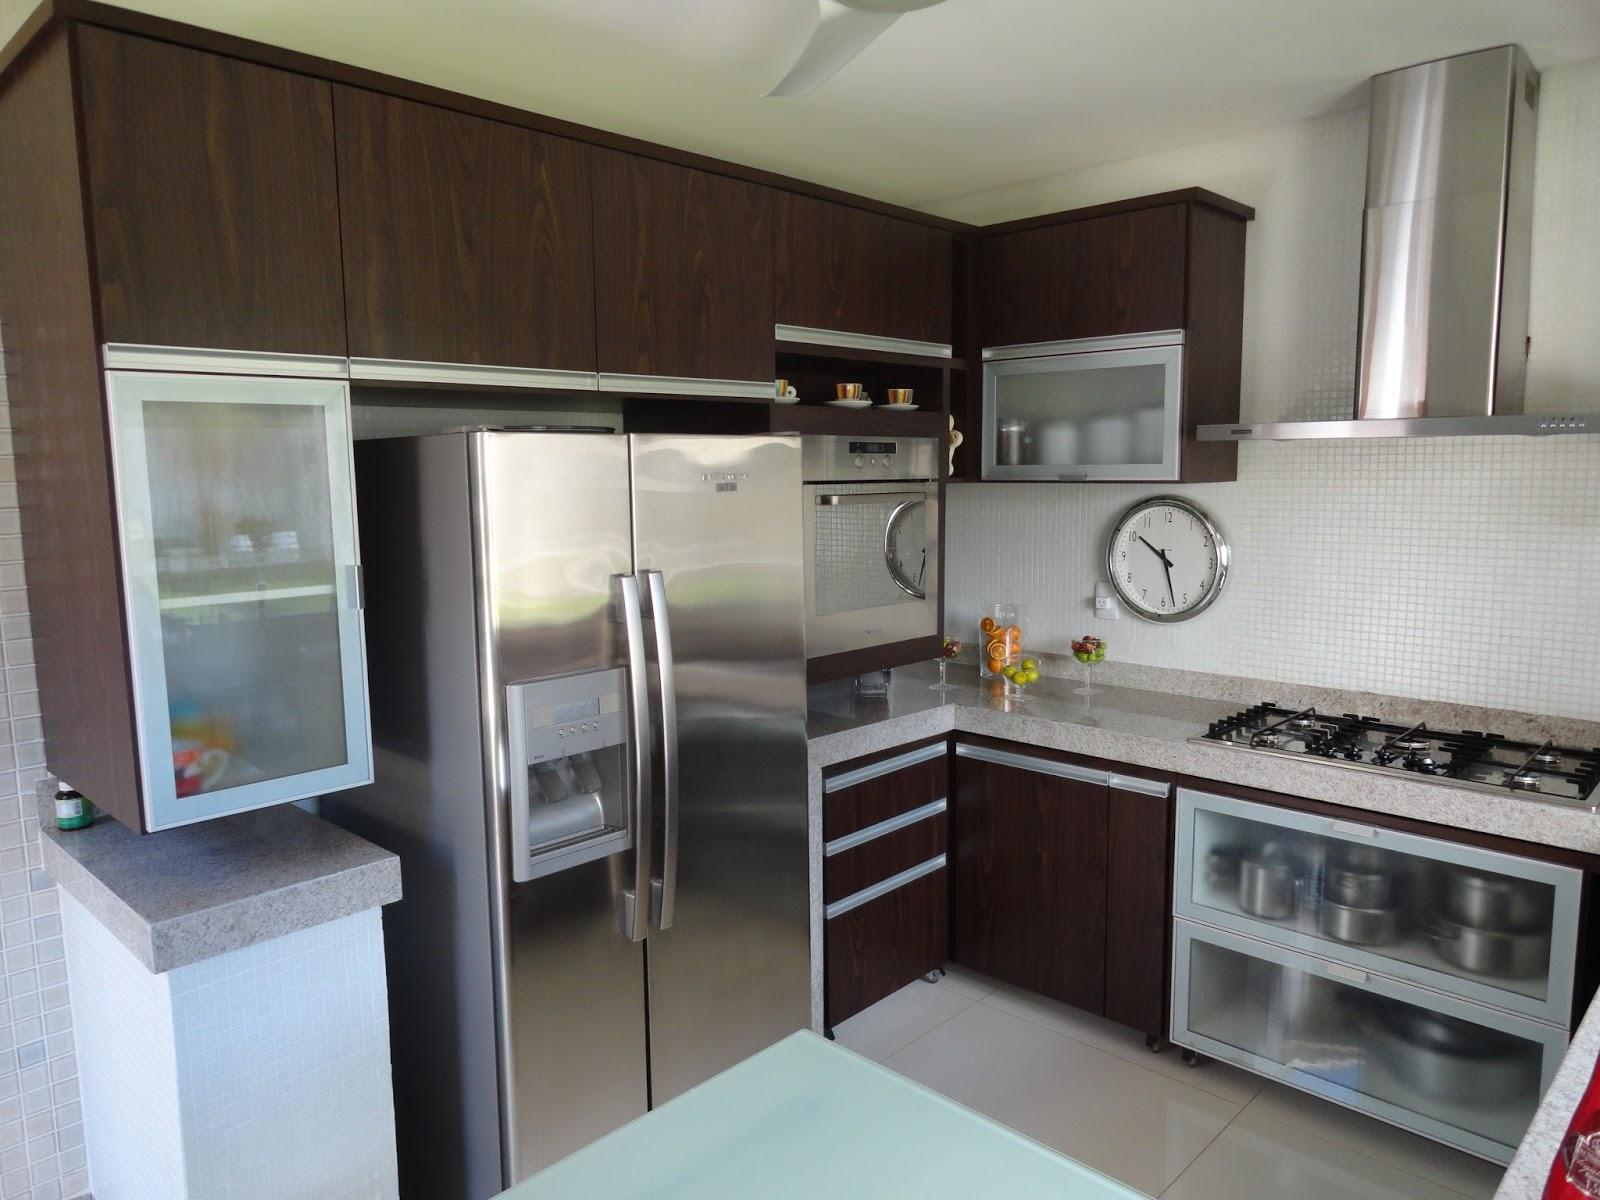 WW Móveis e Esquadrias: Cozinhas em MDF revestidas em laminado  #50727B 1600 1200